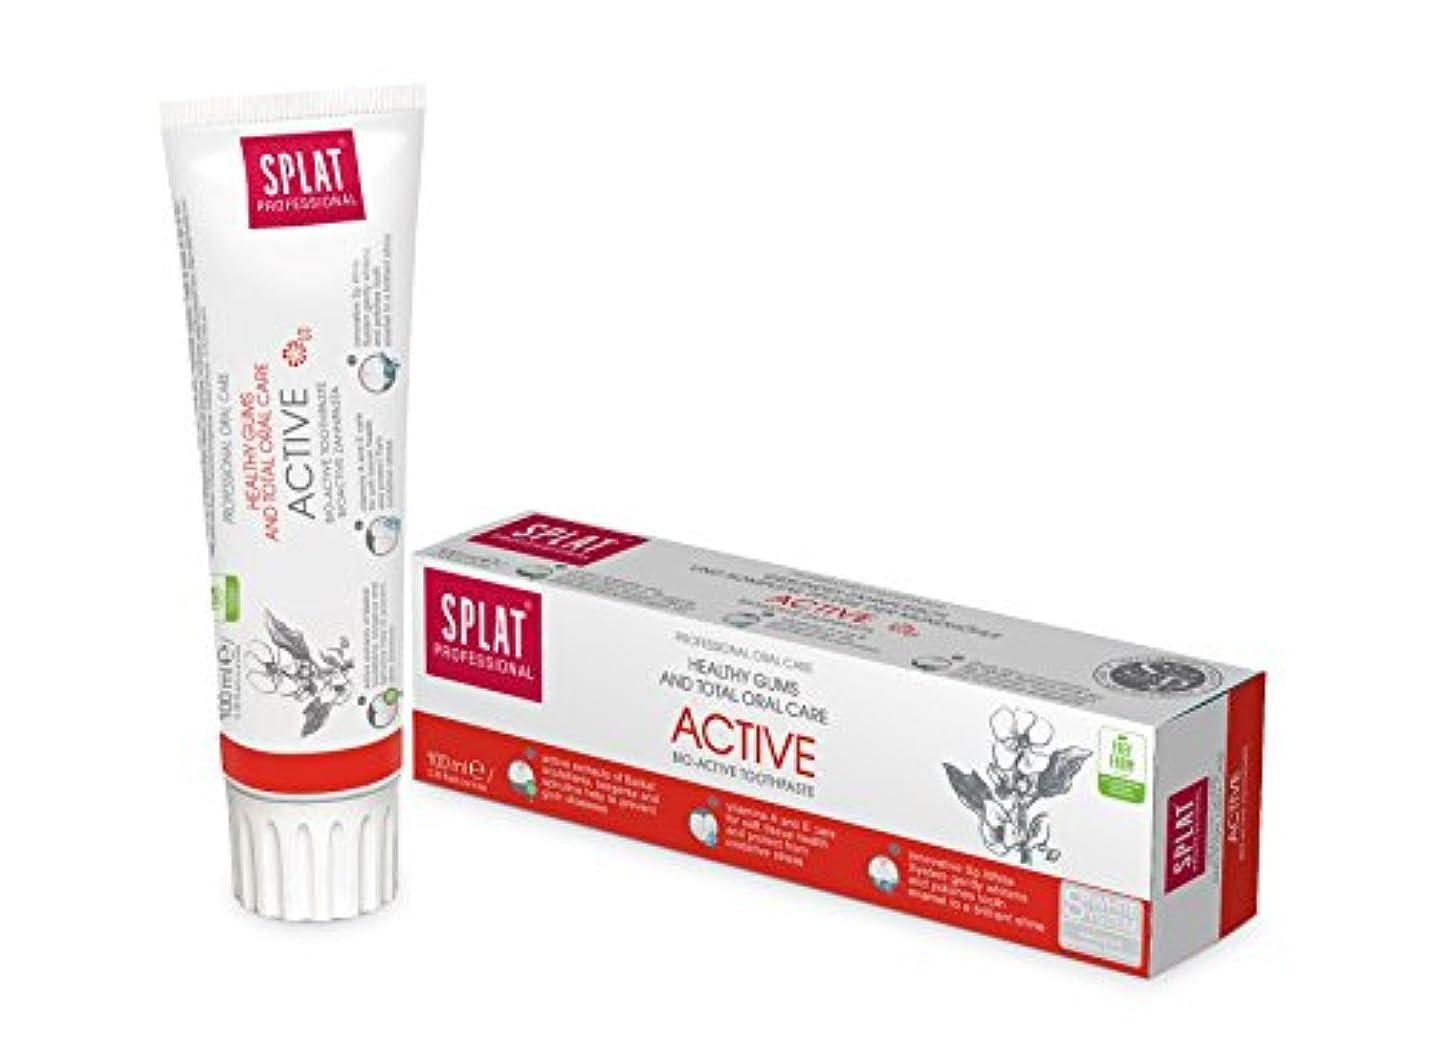 レンダリング愛撫良性Toothpaste Splat Professional 100ml (Active)